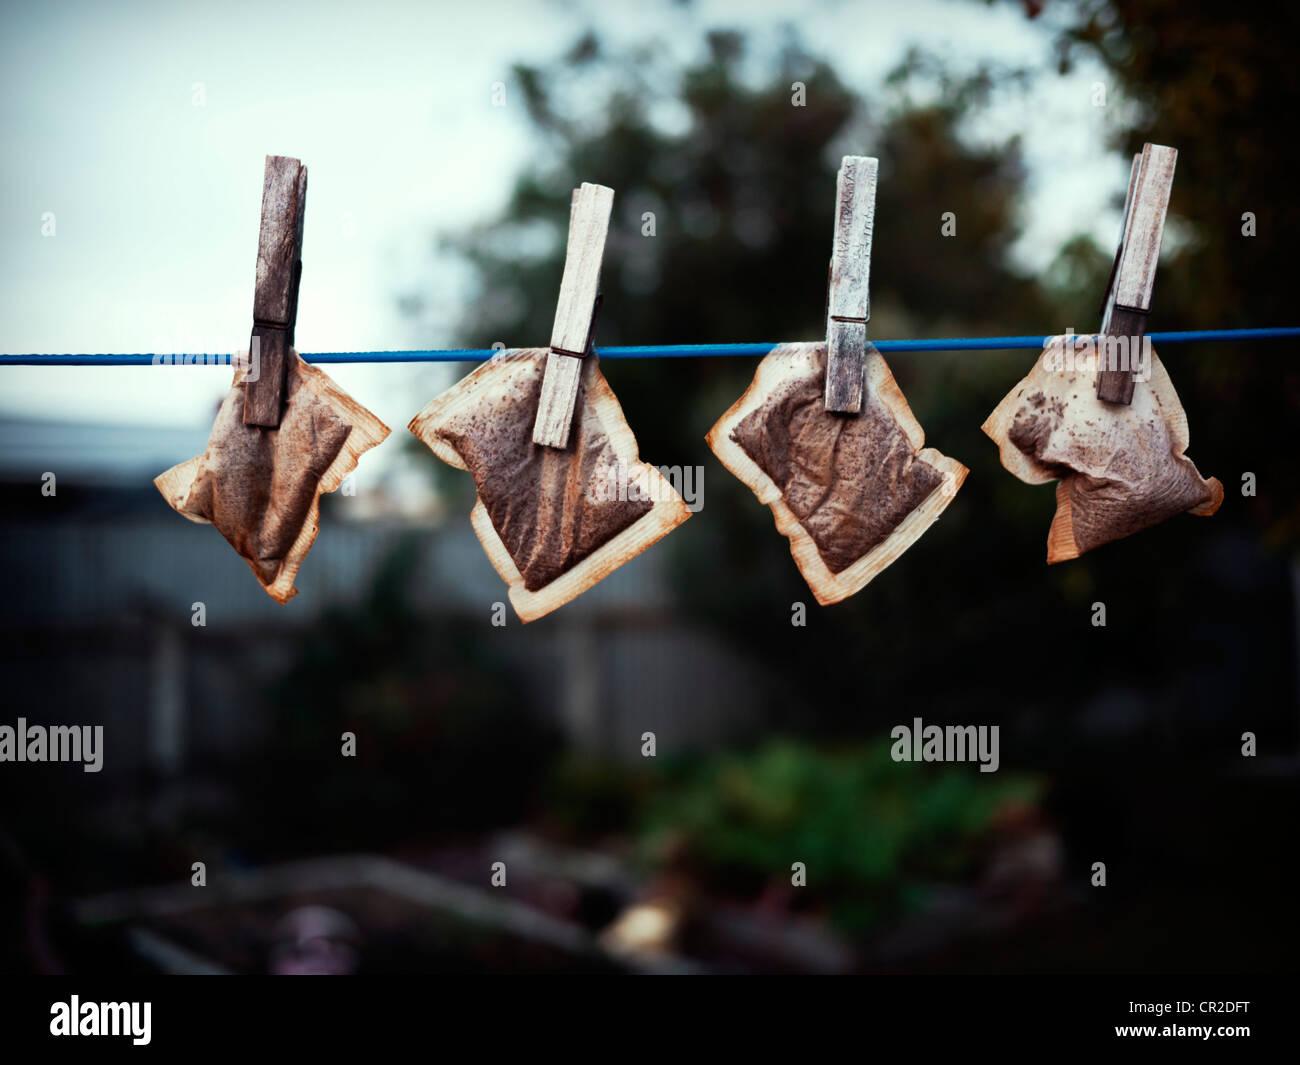 La nouvelle économie: sachets de séchage sur fil a linge pour réutilisation. Photo Stock